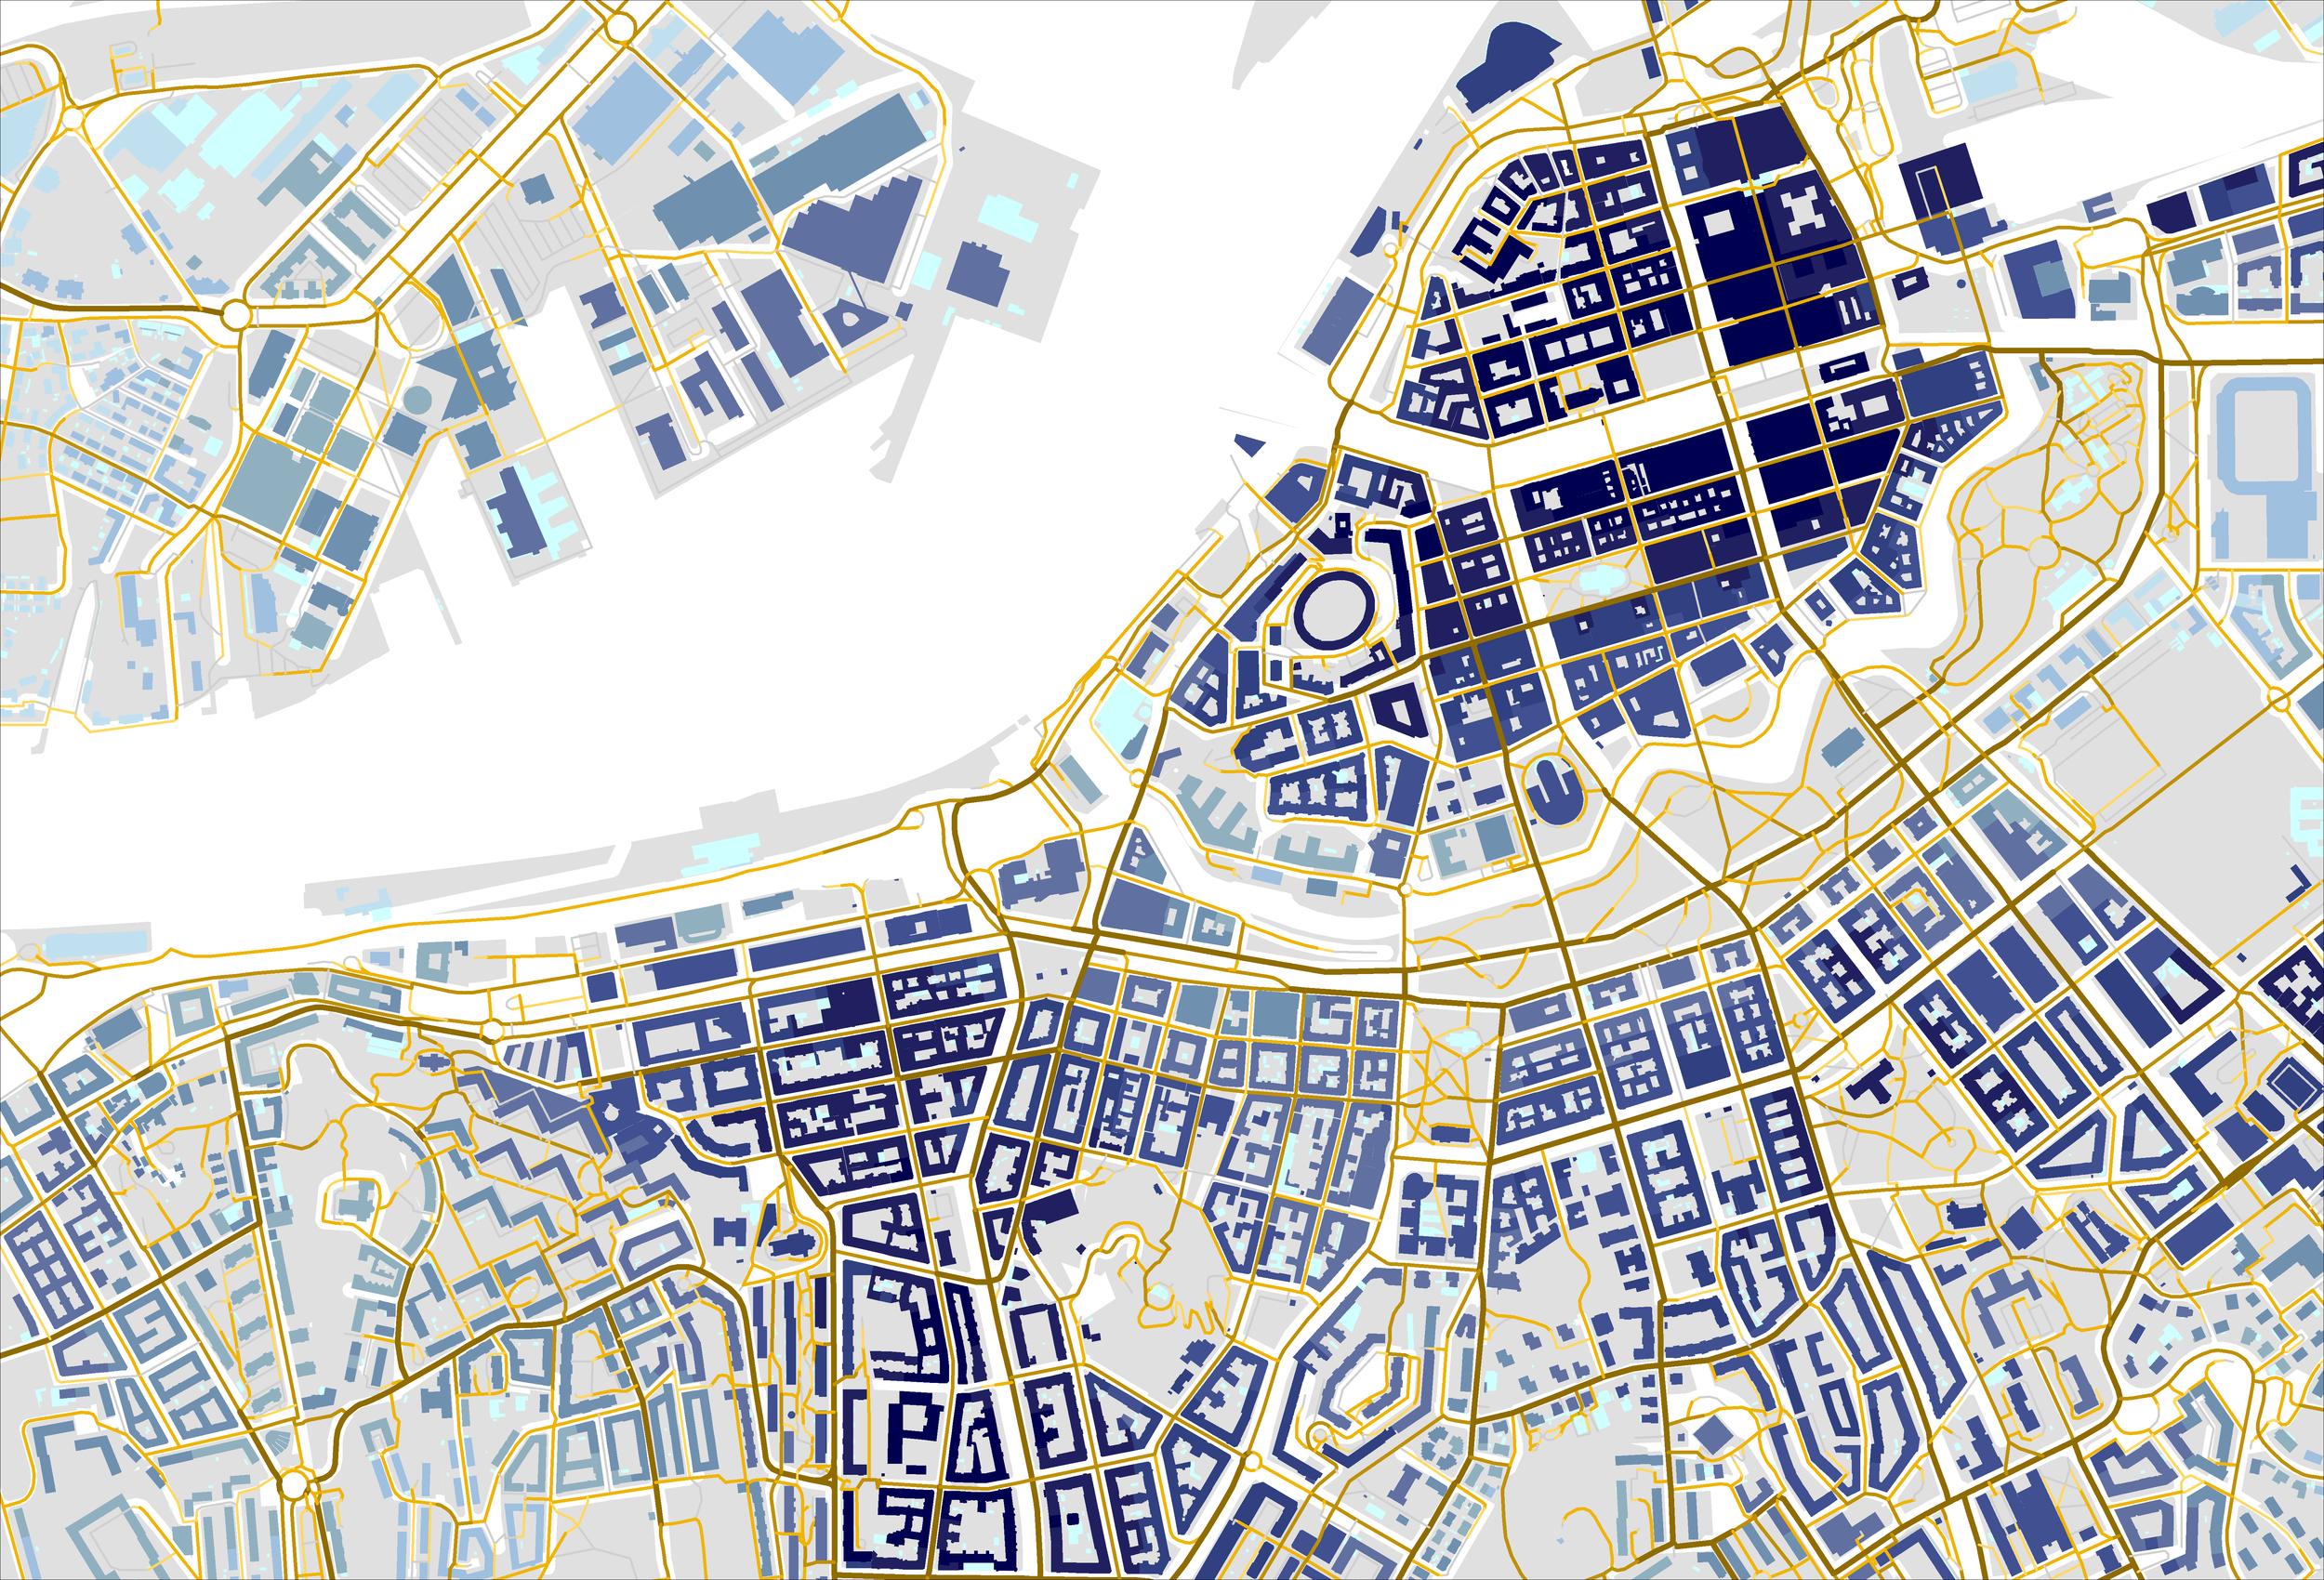 Figur 1. Den andra formen i städer. Alla kartor och planritningar är geometriska representationer som samtidigt redovisar en oerhörd mängd relationer i rummet. Det är denna förmåga som gör att vi använder geometriska språk och inte ord för att beskriva byggd form och rumslig struktur. Samtidigt är en vanlig karta eller planritning generisk i det att den beskriver oerhört många relationer i allmänna drag men ingen med stor precision.  Kartan ovan däremot beskriver två typer av relationer med stor precision. Den första är hur nära varje gatusegment är varje annat gatusegment inom en radie av 500 m, där närhet inte är mätt i meter utan topologiskt som antal gatusegment. Ju närmare ett gatusegment är andra gatusegment inom denna radie desto mörkare brun nyans har de getts. En vanlig karta skulle enbart redovisa gatusystemet som en struktur med en viss form, vad vi kallat den första formen, men här har varje segment i getts en kulör som redovisar dess läge i relation till alla andra segment i gatusystemet, vad vi kallat den andra formen.  Av stort intresse är då att den andra formen förefaller visa inte bara stadens geometriska form utan även stadslivets form i det att de mörkare segmenten i hög grad också är de där vi ser större flöden, ett rikare butiksliv och högre lokalhyror. Vi ser alltså ett band mellan rumslig struktur och urbana processer. I förlängningen kan vi då även dra slutsatsen att en förändring av den rumsliga strukturen även påverkar dessa processer. Det vill säga att vi genom arkitektarbete kan påverka stadslivet. Detta samband ser vi dock först när vi frilägger den andra formen och inte nöjer oss med den första.  På samma sätt har vi beskrivit bebyggelsen relationellt som hur mycket byggd yta man når från varje byggnad inom en radie på 2000 m om man följer gatunätet; ju mer byggd yta man när desto mörkare blå kulör. Återigen kan vi säga att en vanlig karta bara skulle redovisa byggnadernas planform, den första formen, men här visas byggnadernas relatio